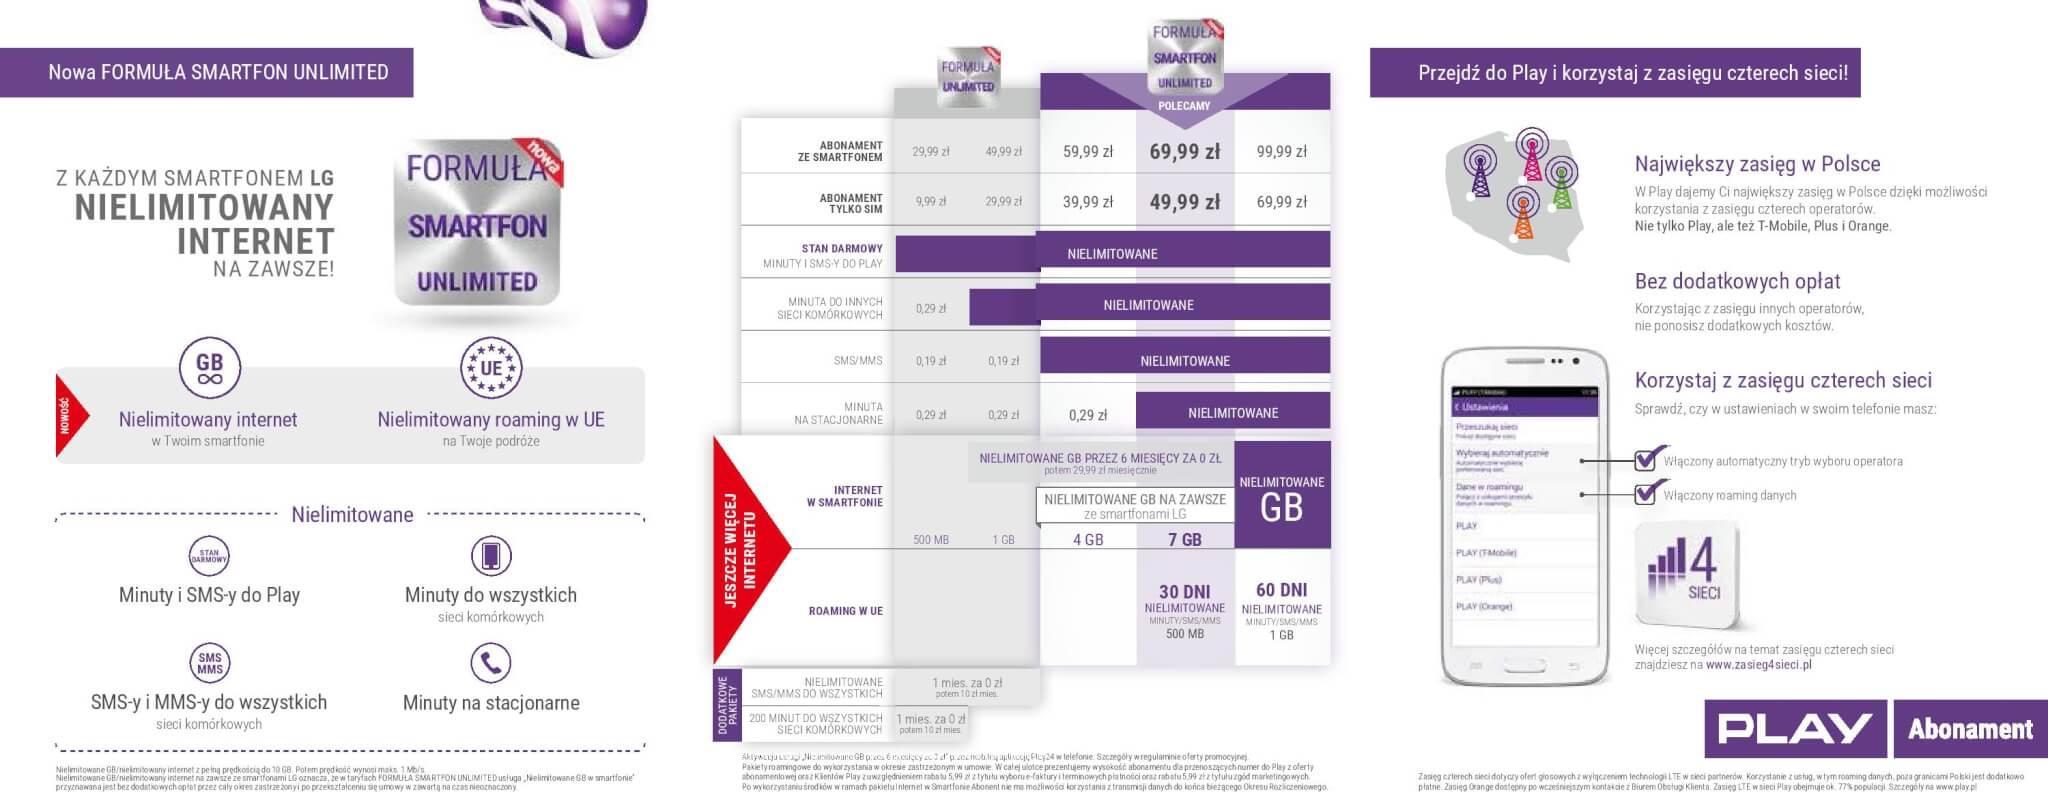 Nielimitowany internet GRATIS z każdym smartfonem LG ...